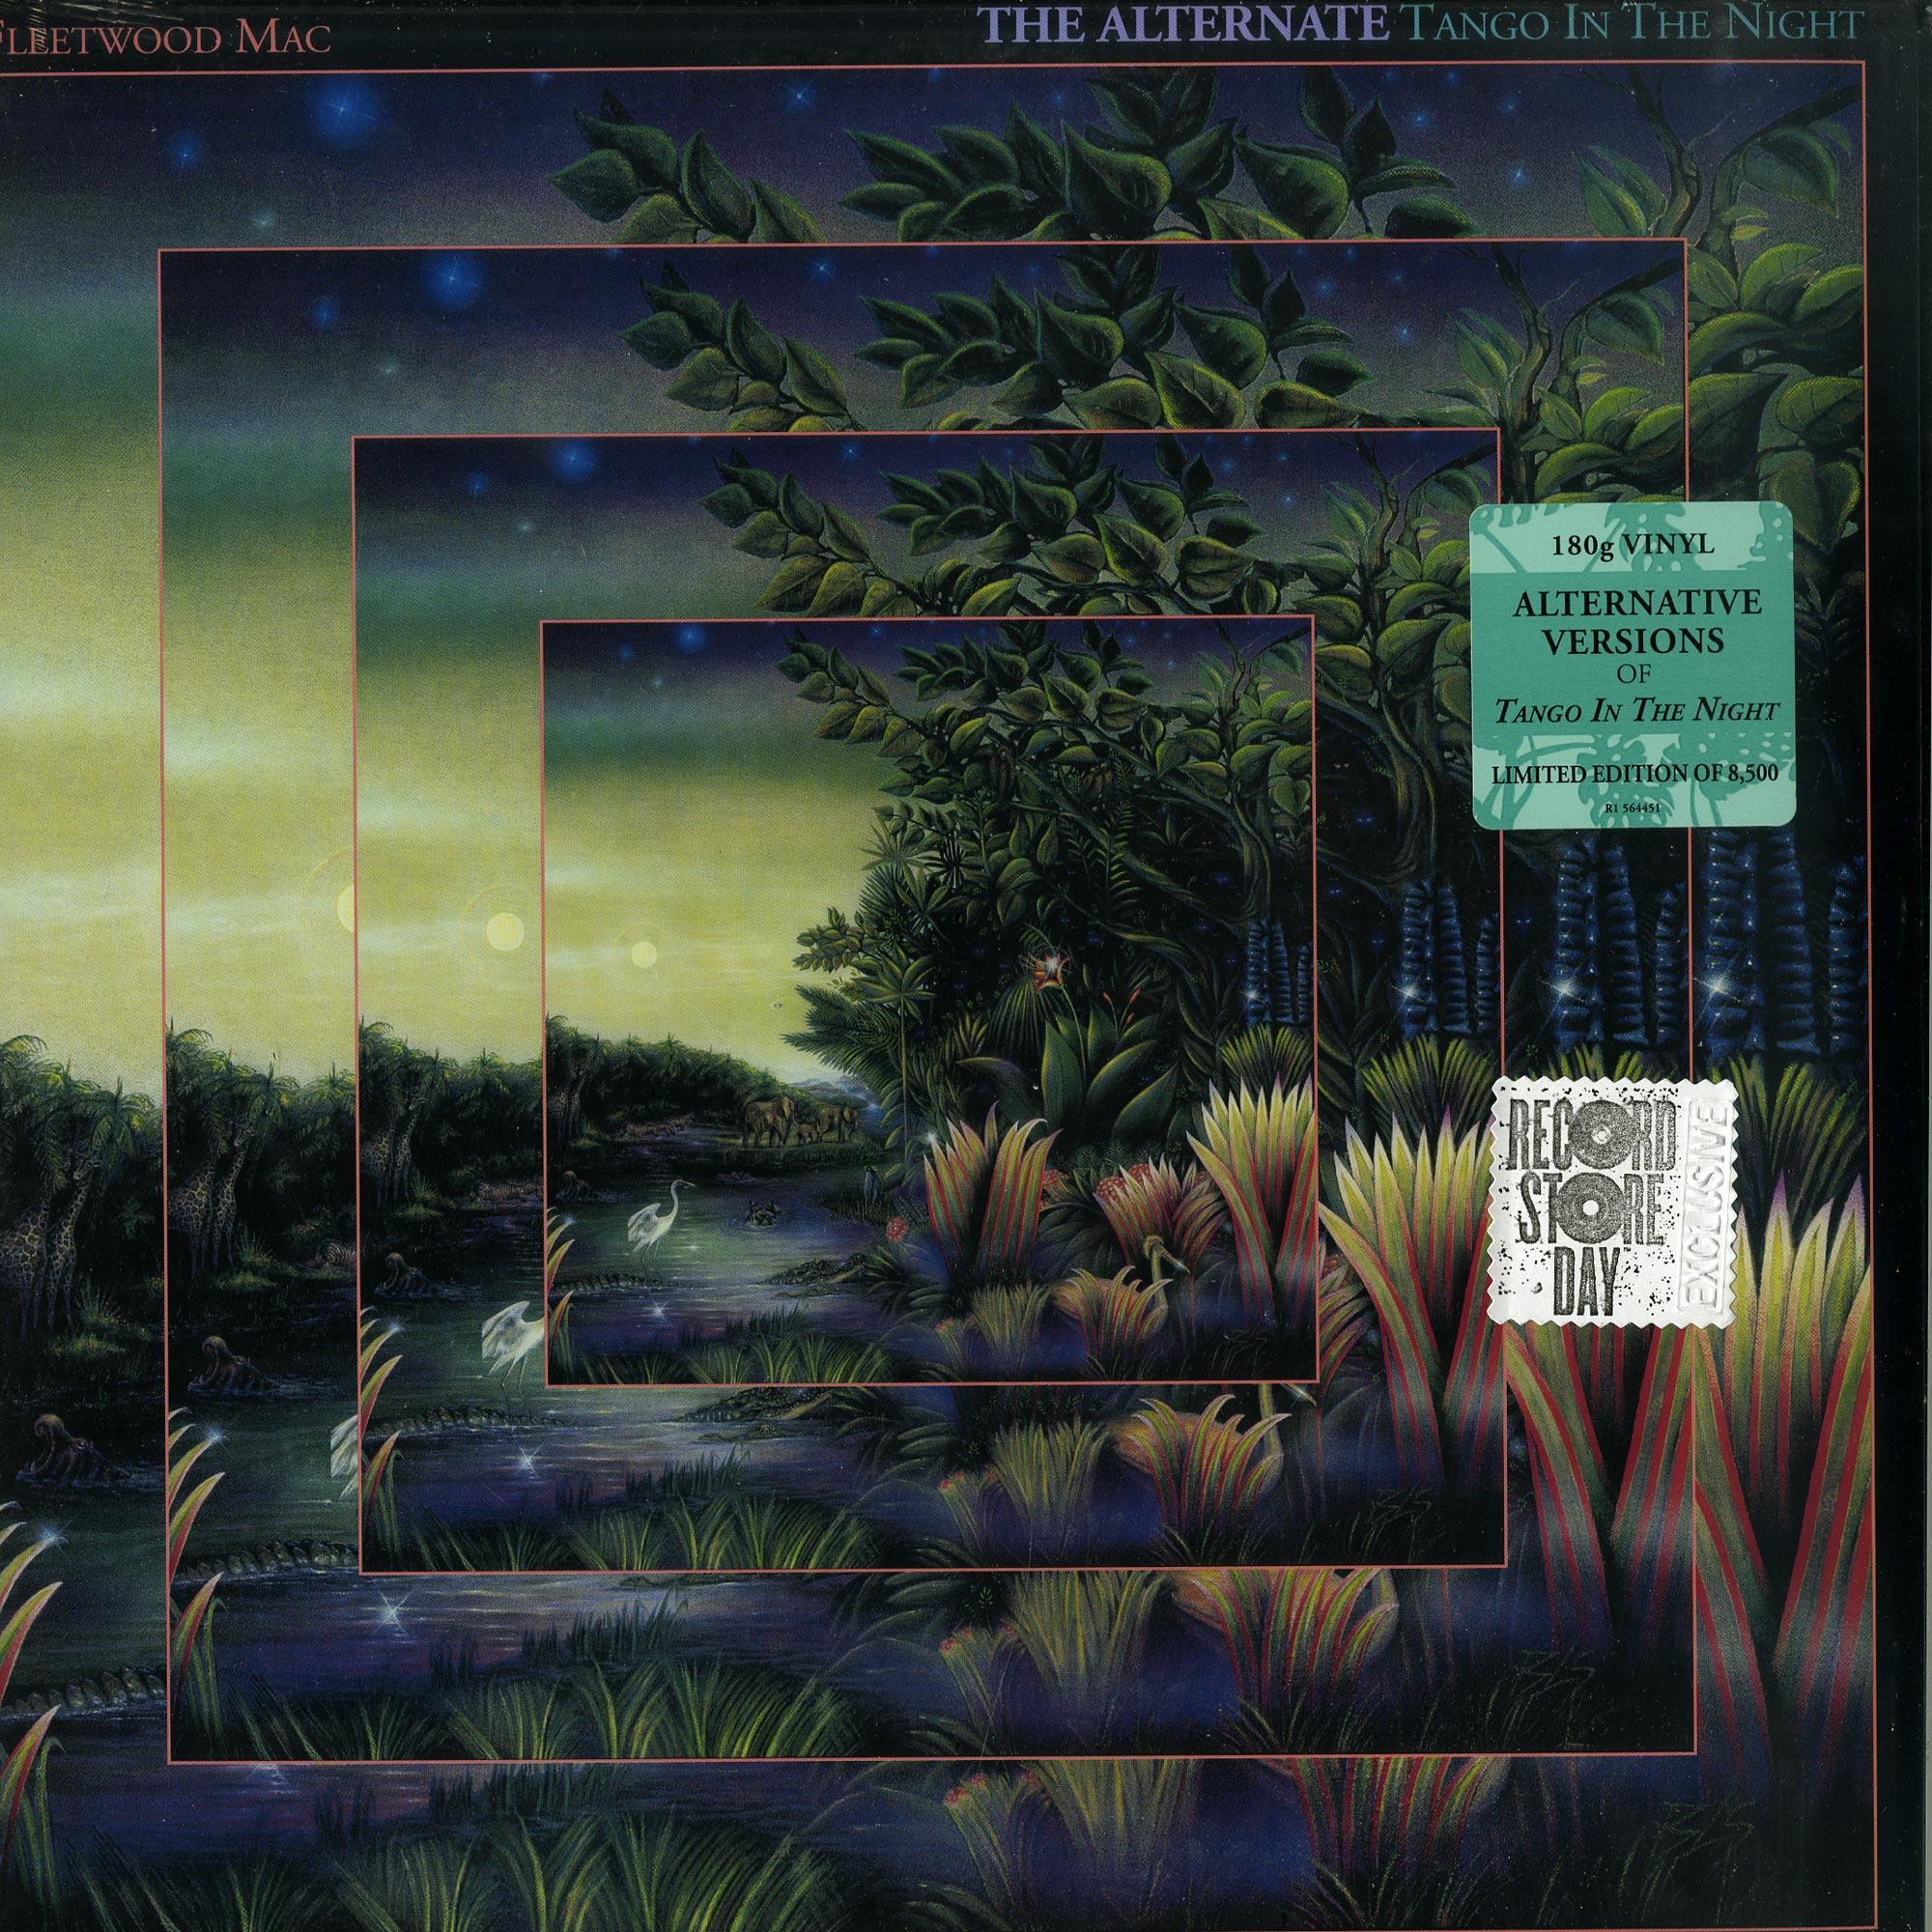 Fleetwood Mac - THE ALTERNATE TANGO IN THE NIGHT